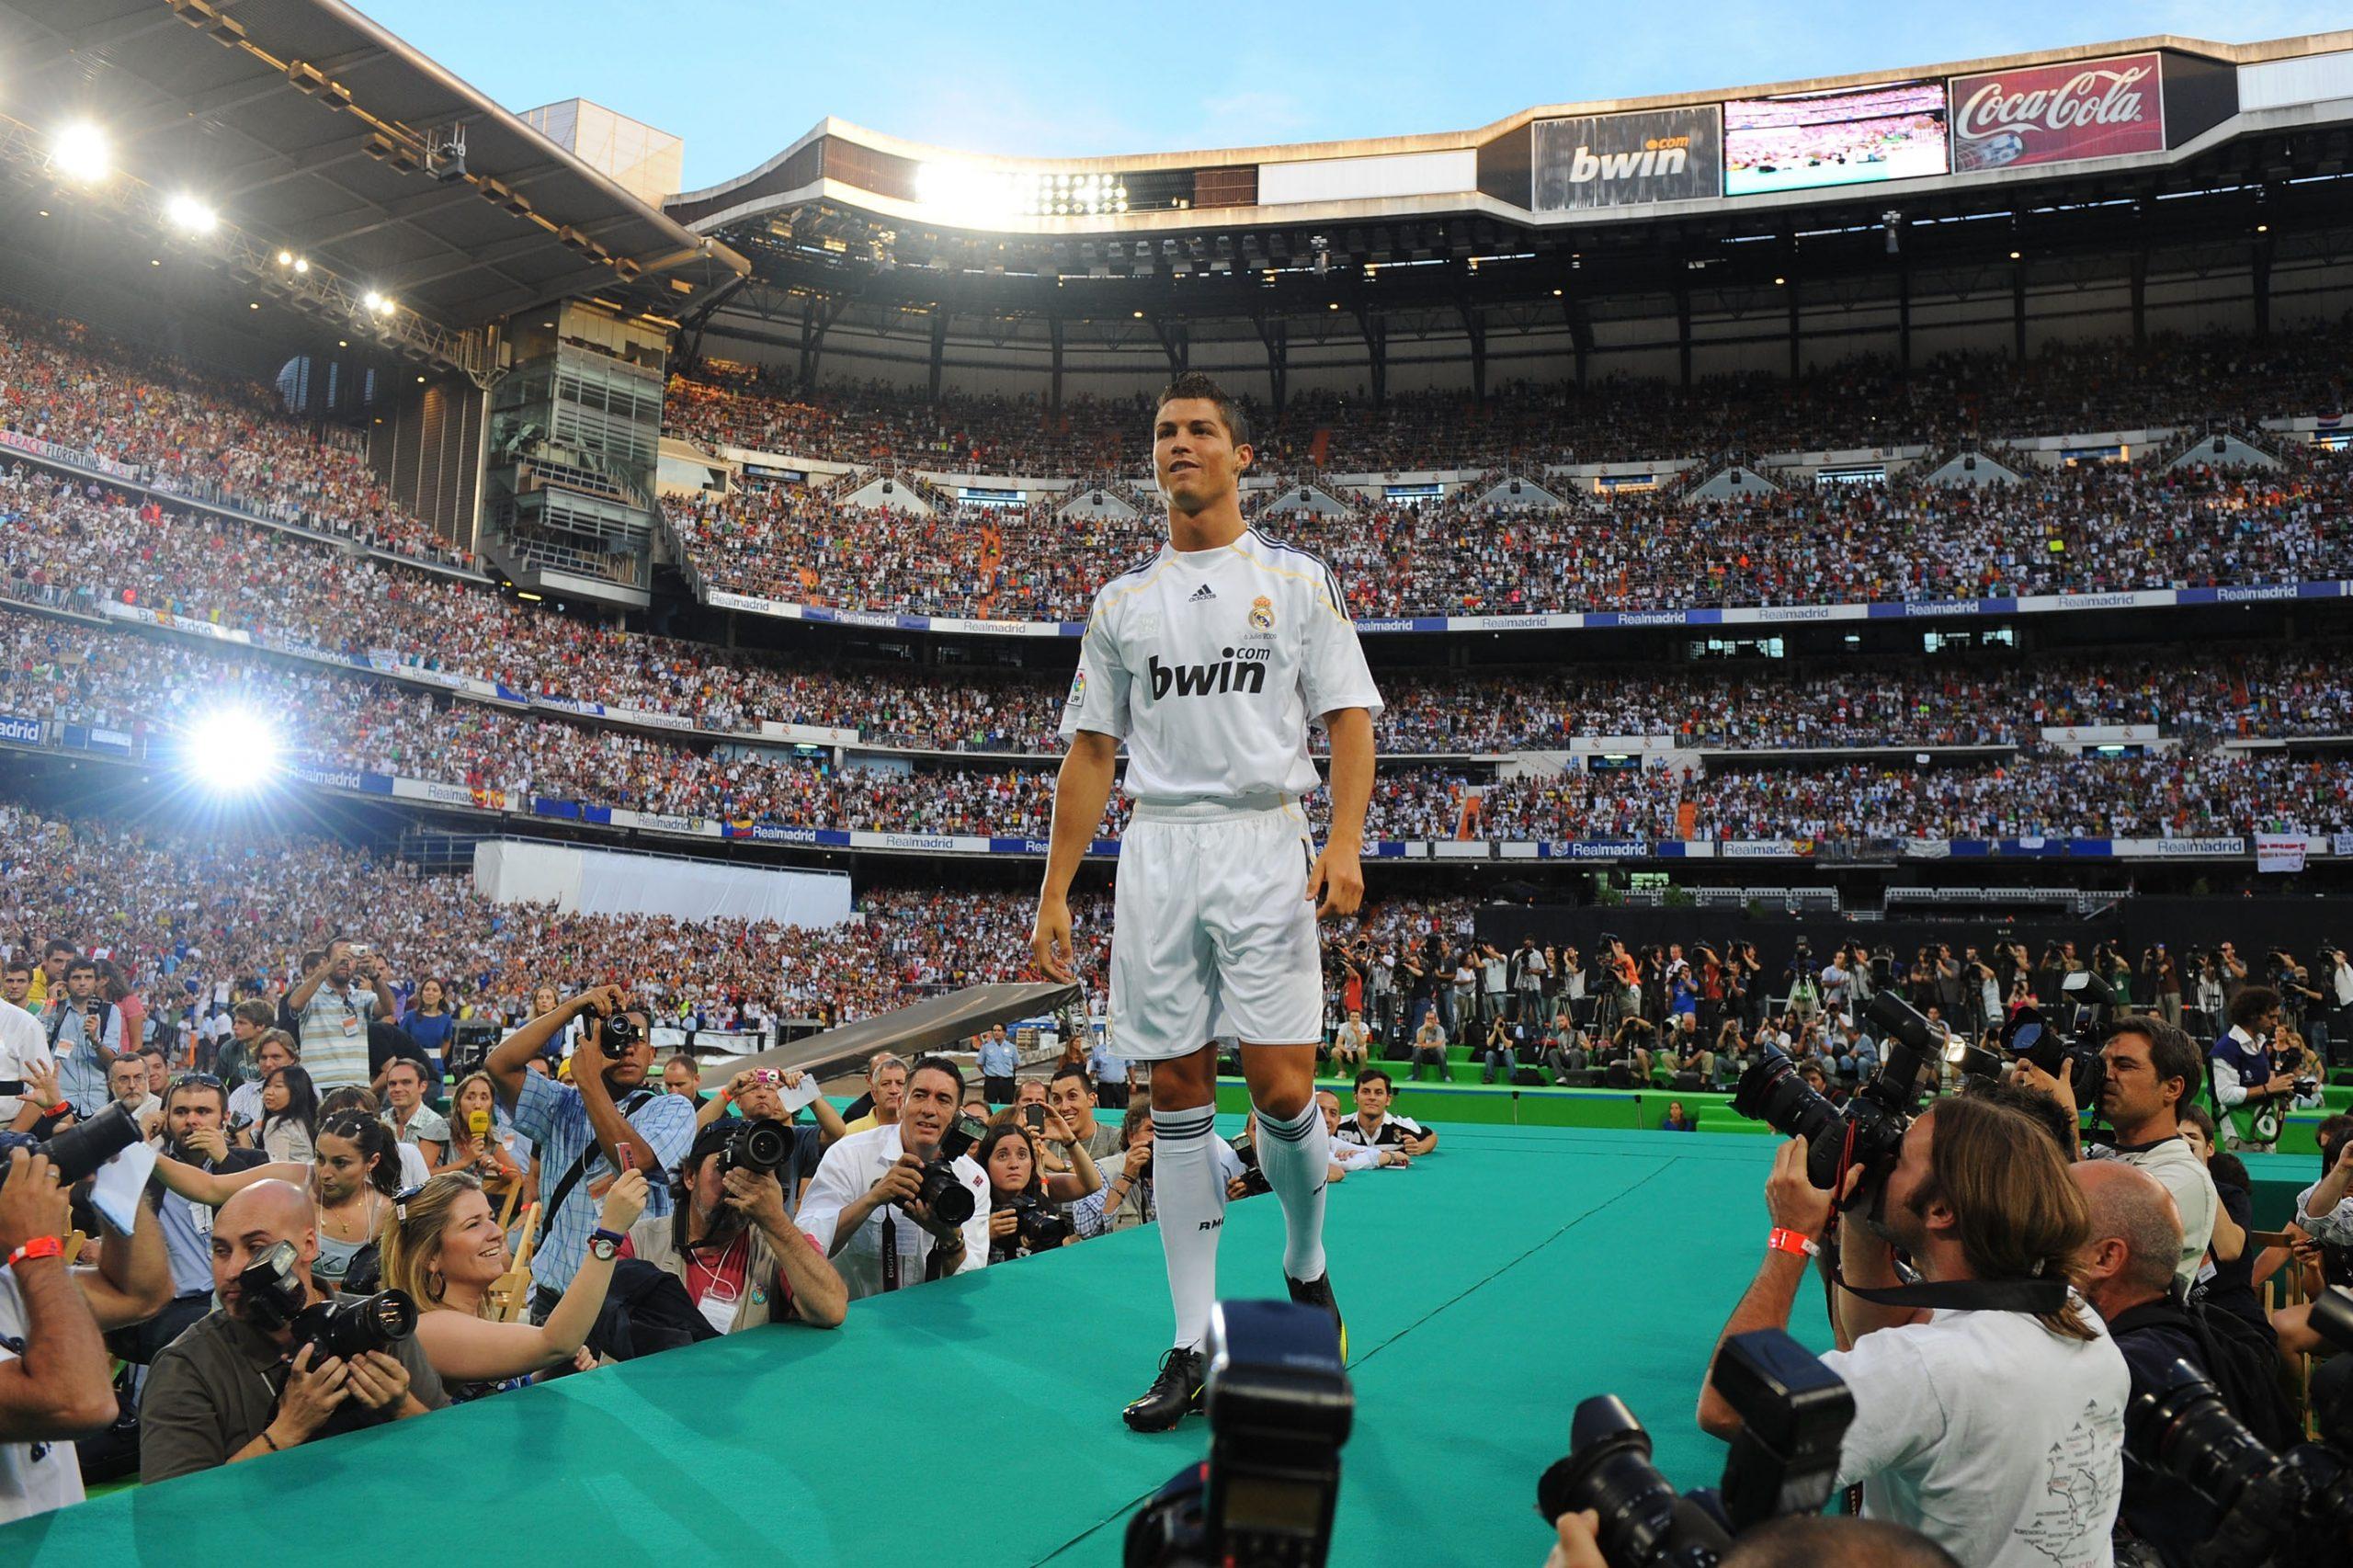 Η παρουσίαση του Cristiano Ronaldo.